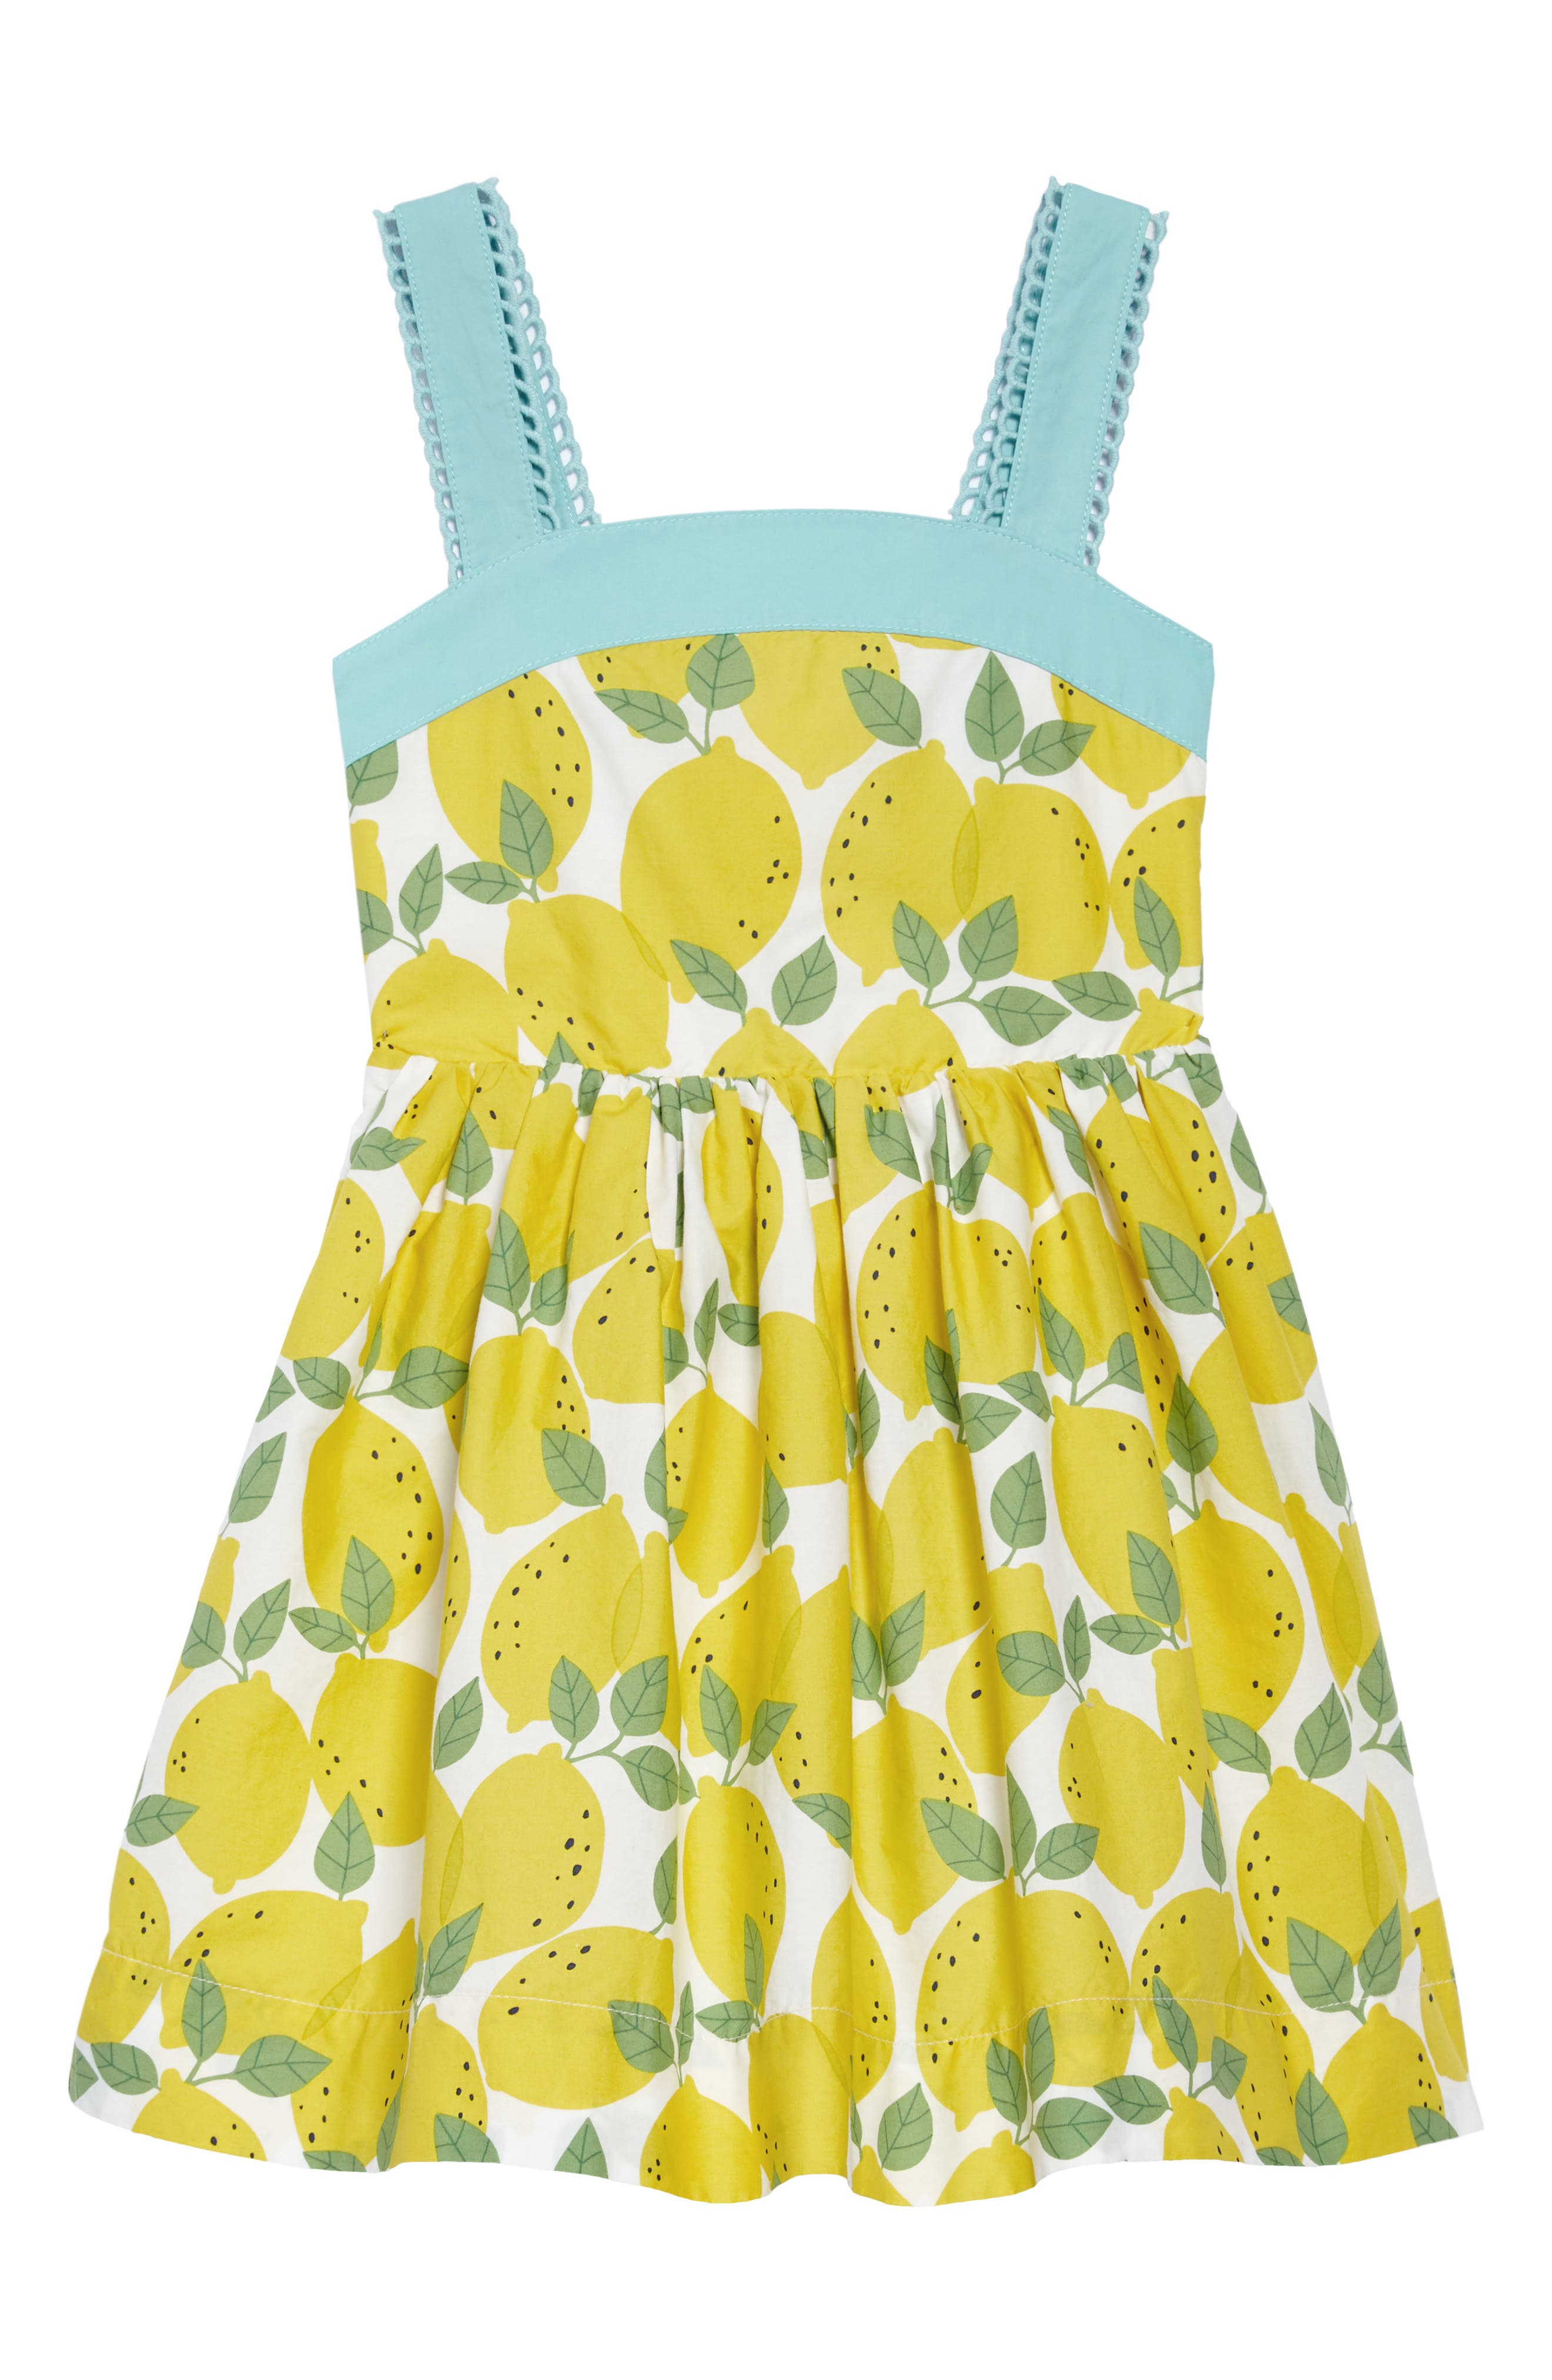 Main Image - Mini Boden Fifties Summer Dress (Toddler Girls, Little Girls & Big Girls)